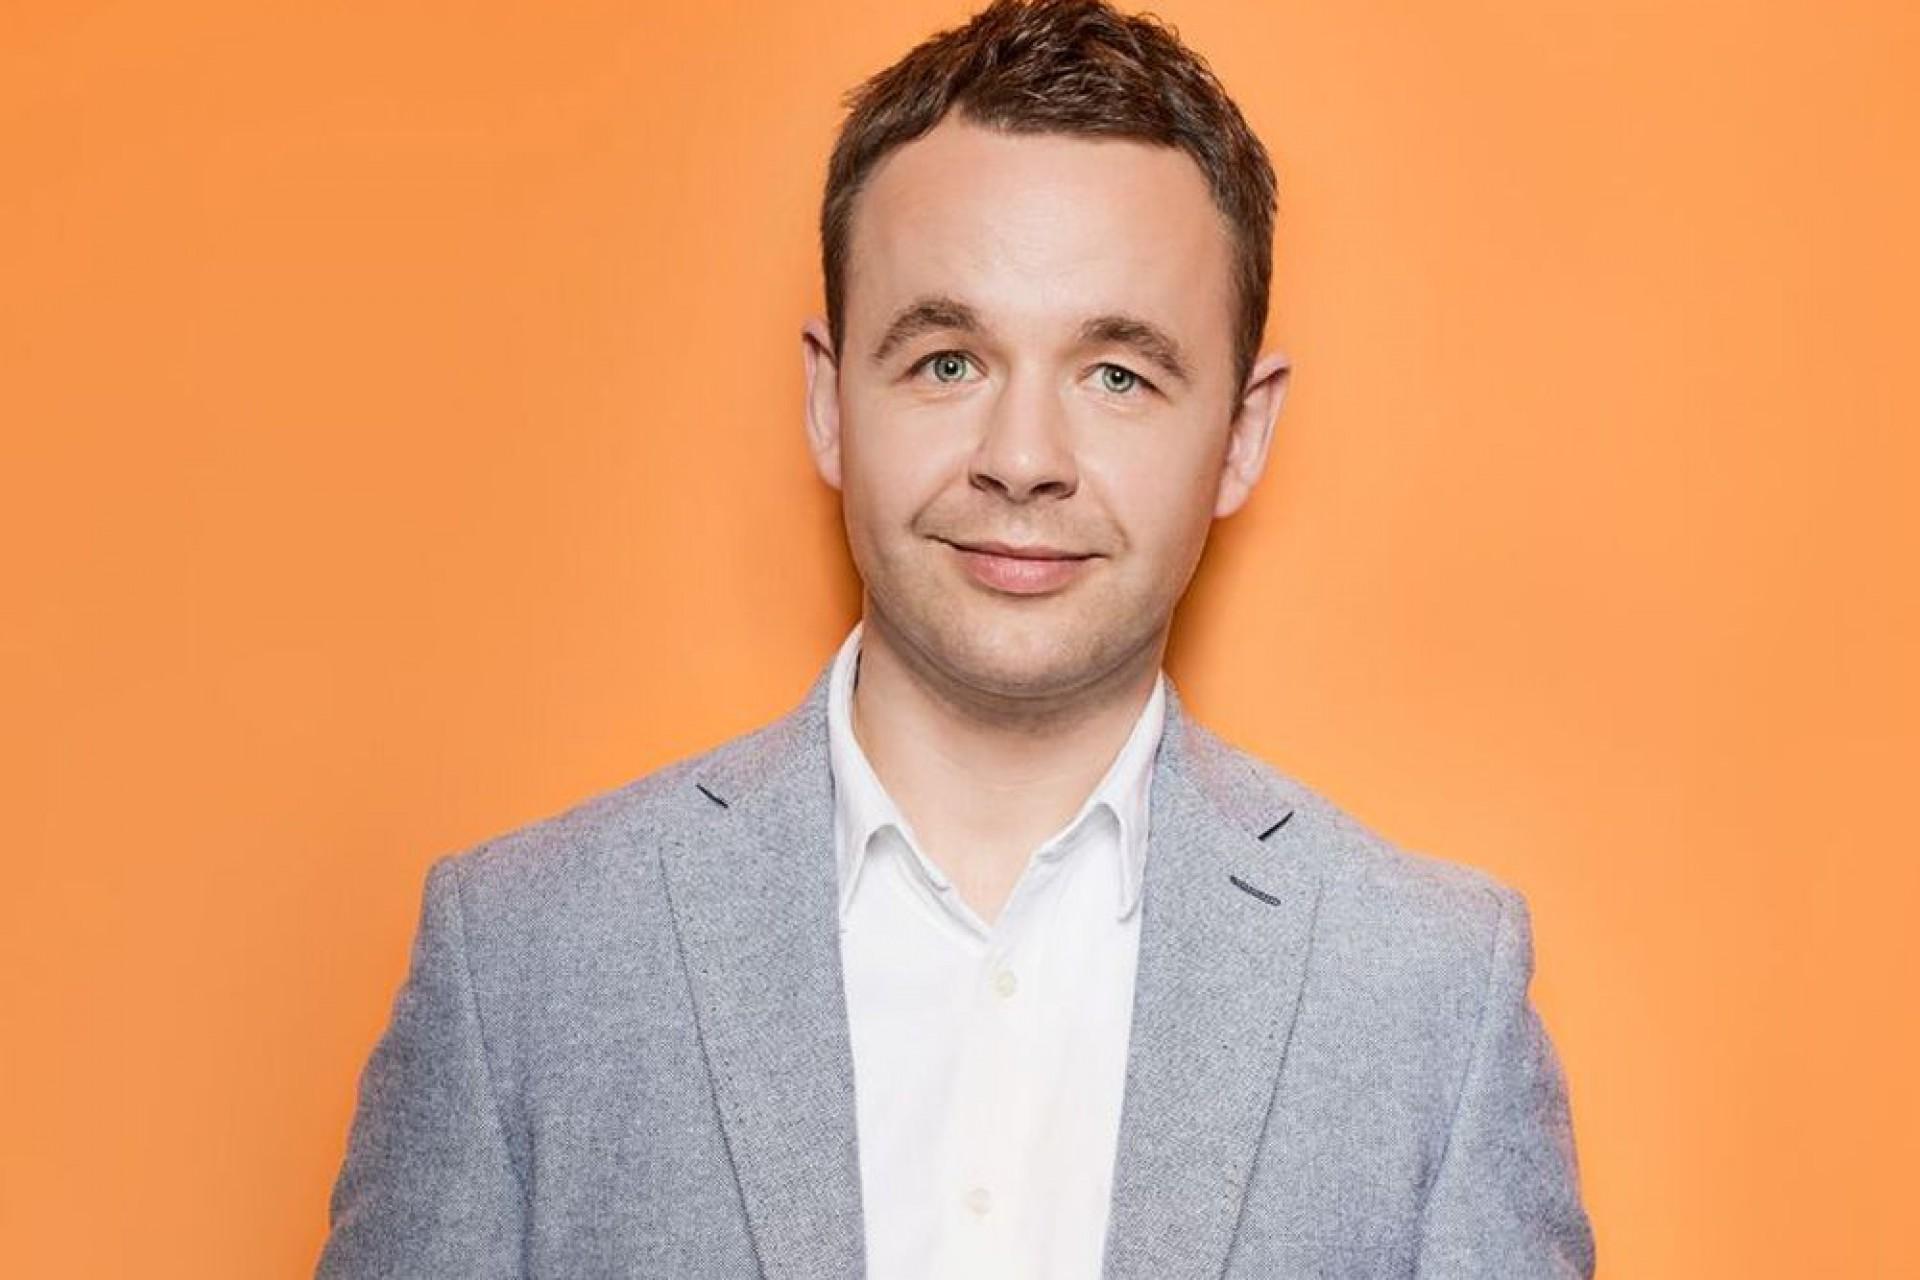 Arkadiusz Krupicz, współzałożyciel Pyszne.pl: Chcesz założyć start-up? Nie myśl, tylko działaj